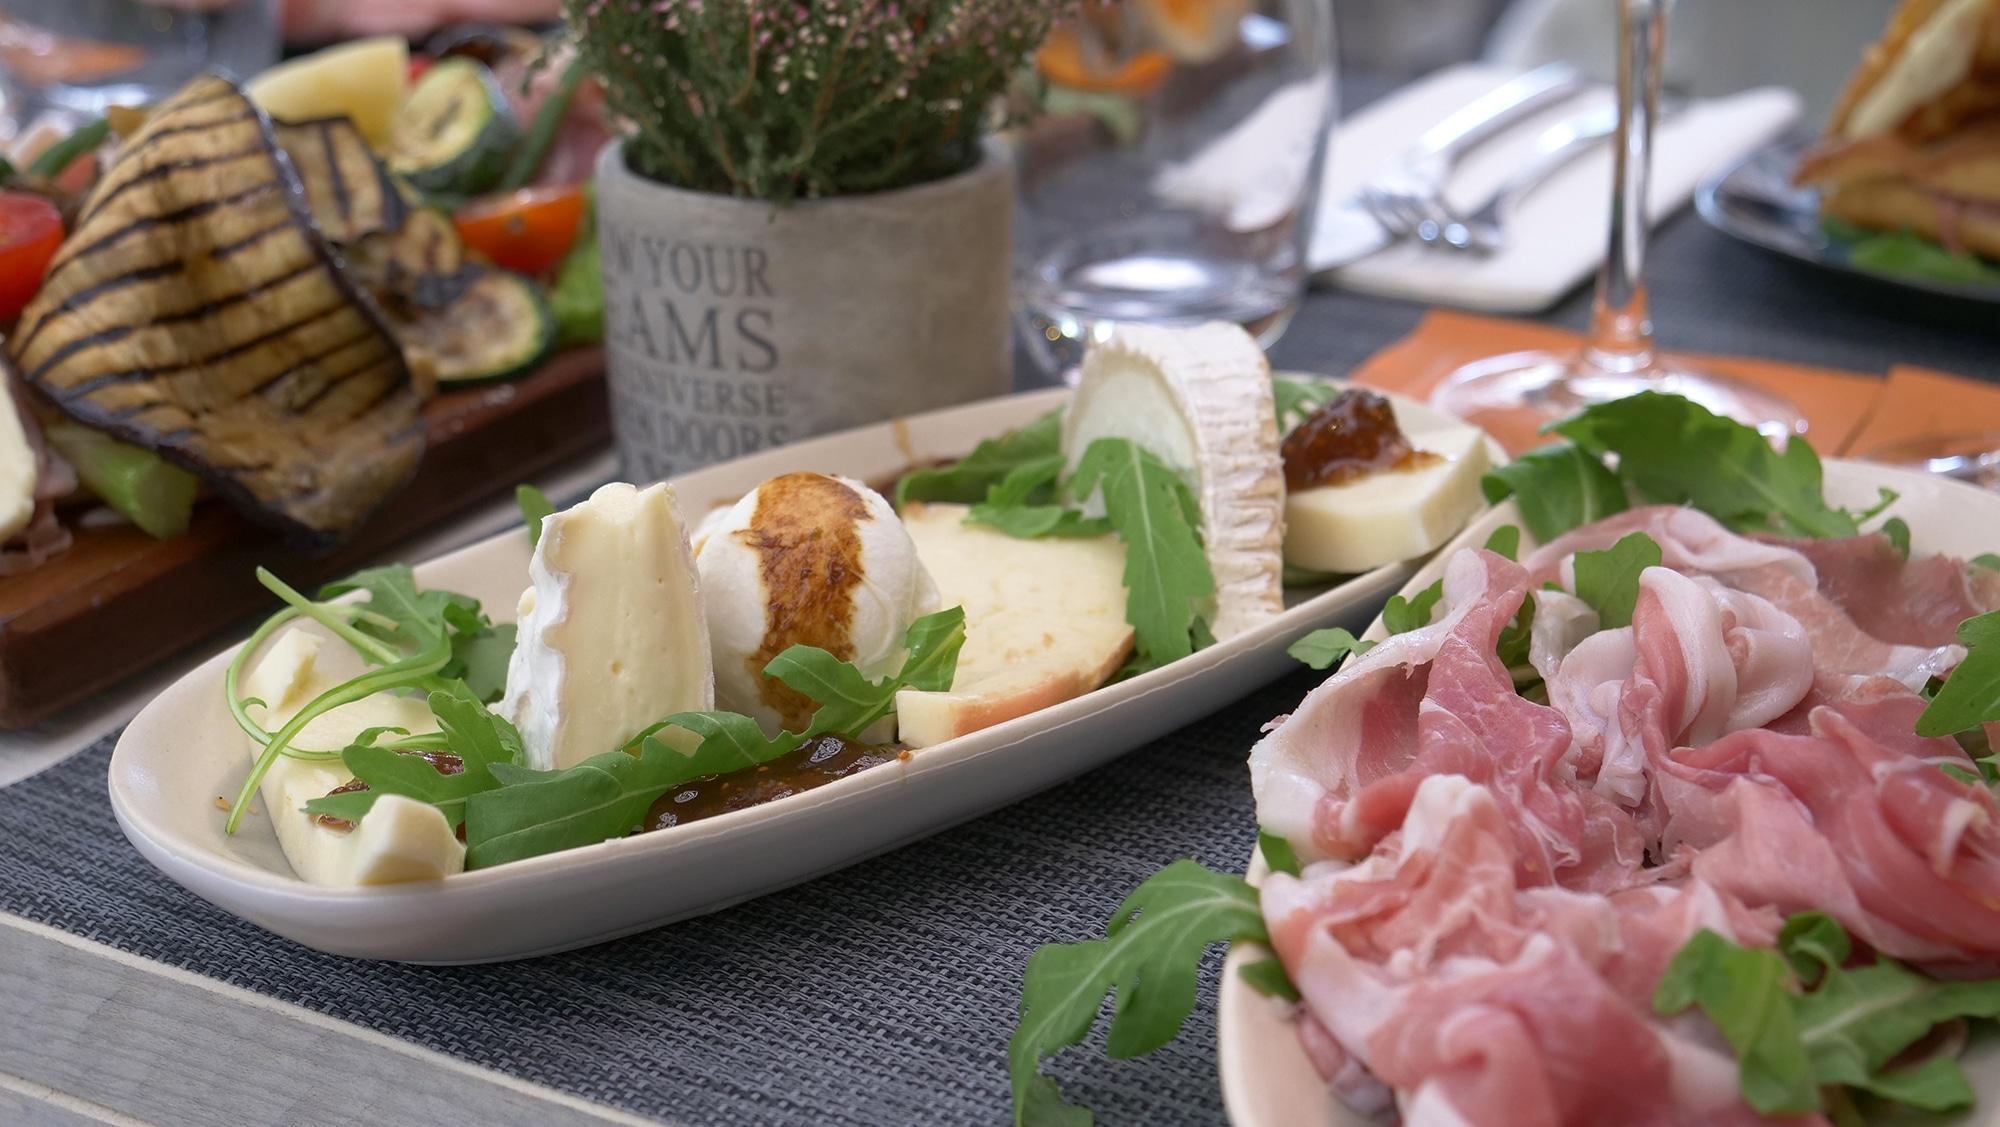 I formaggi Amici paris 17